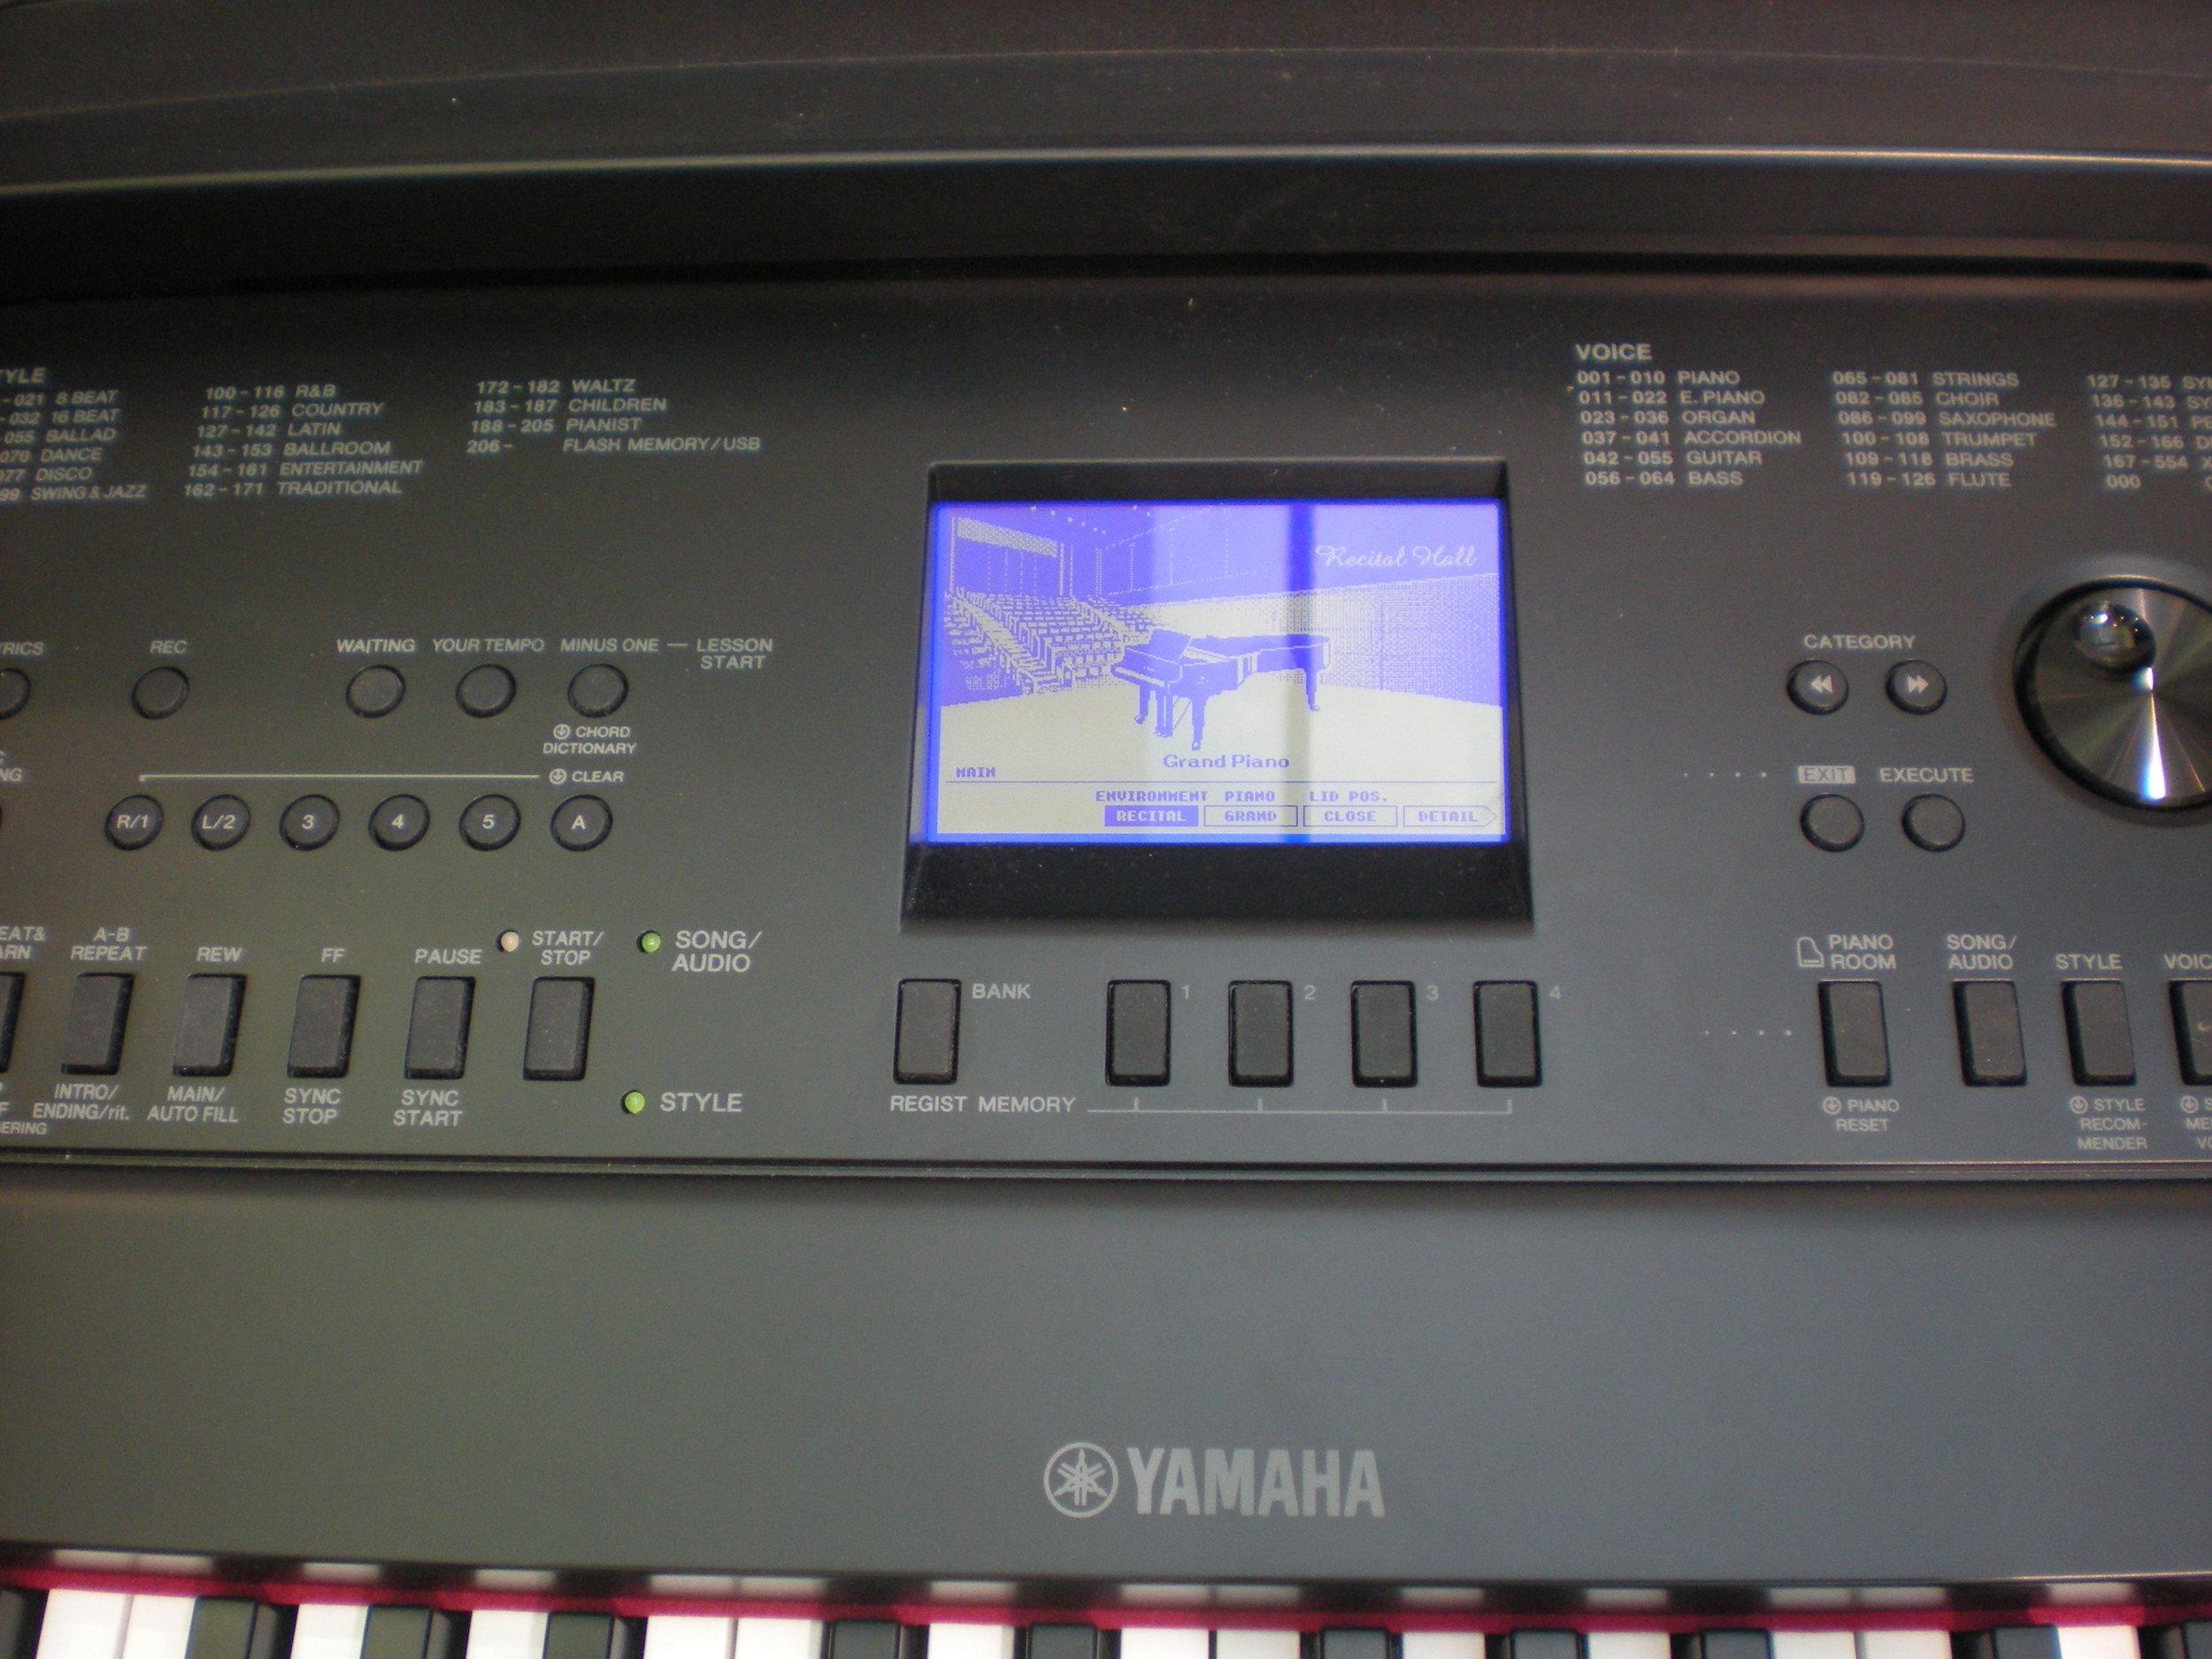 Yamaha DGX-660 panel